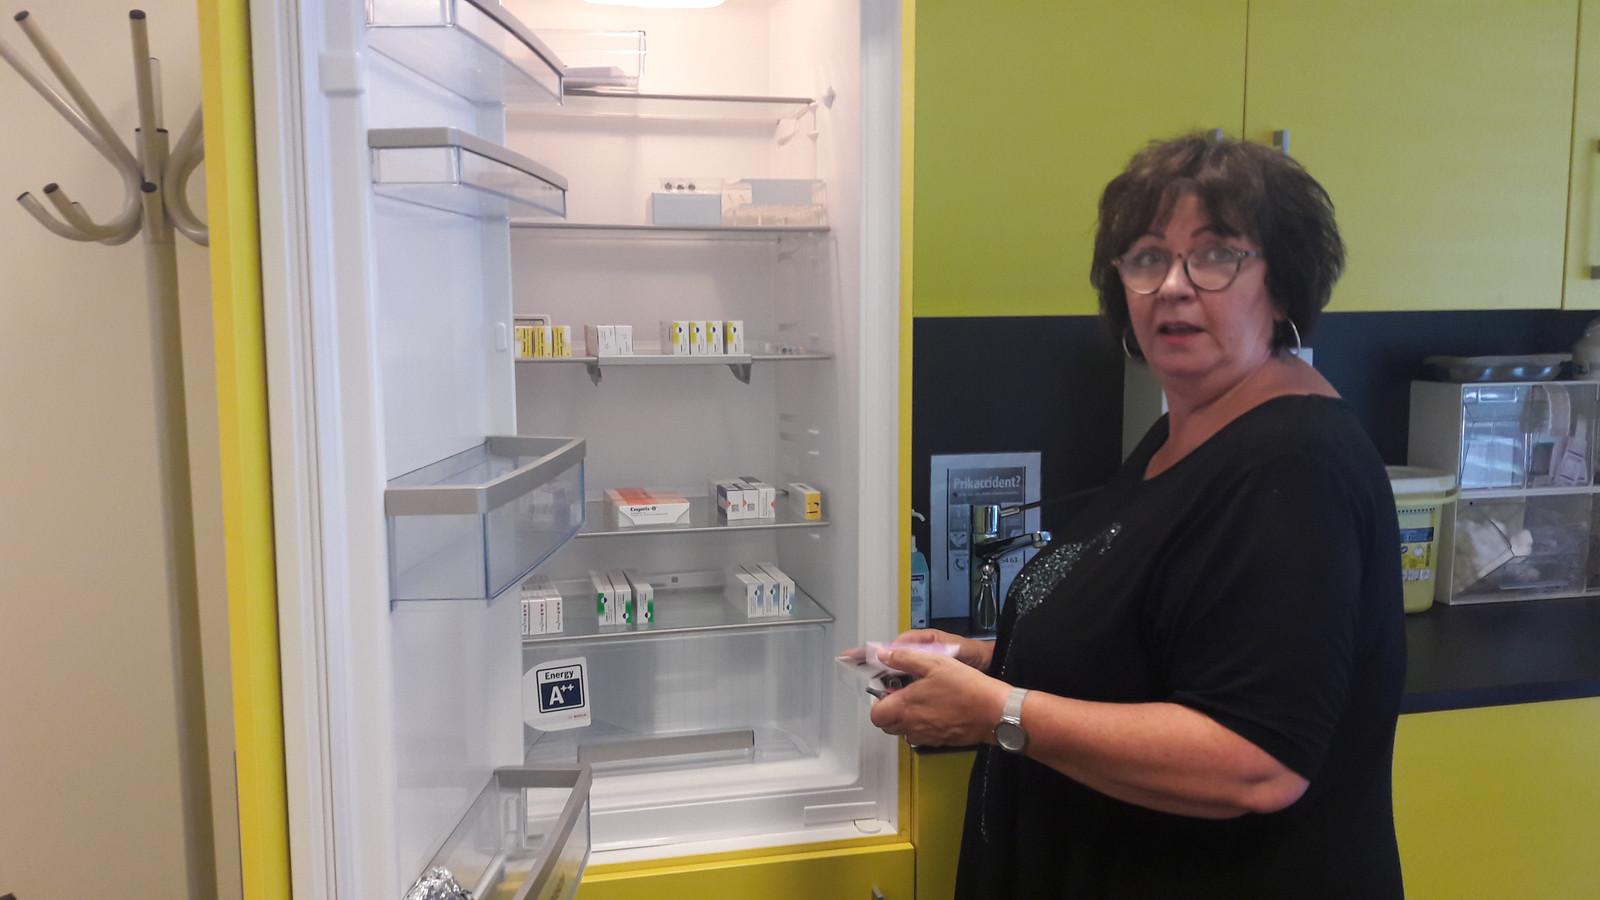 Verpleegkundige Annemarie Rouw-Zuidema van de GGD in Eindhoven bereidt de reisvaccinaties voor bij de koelkas in haar spreekkamer.